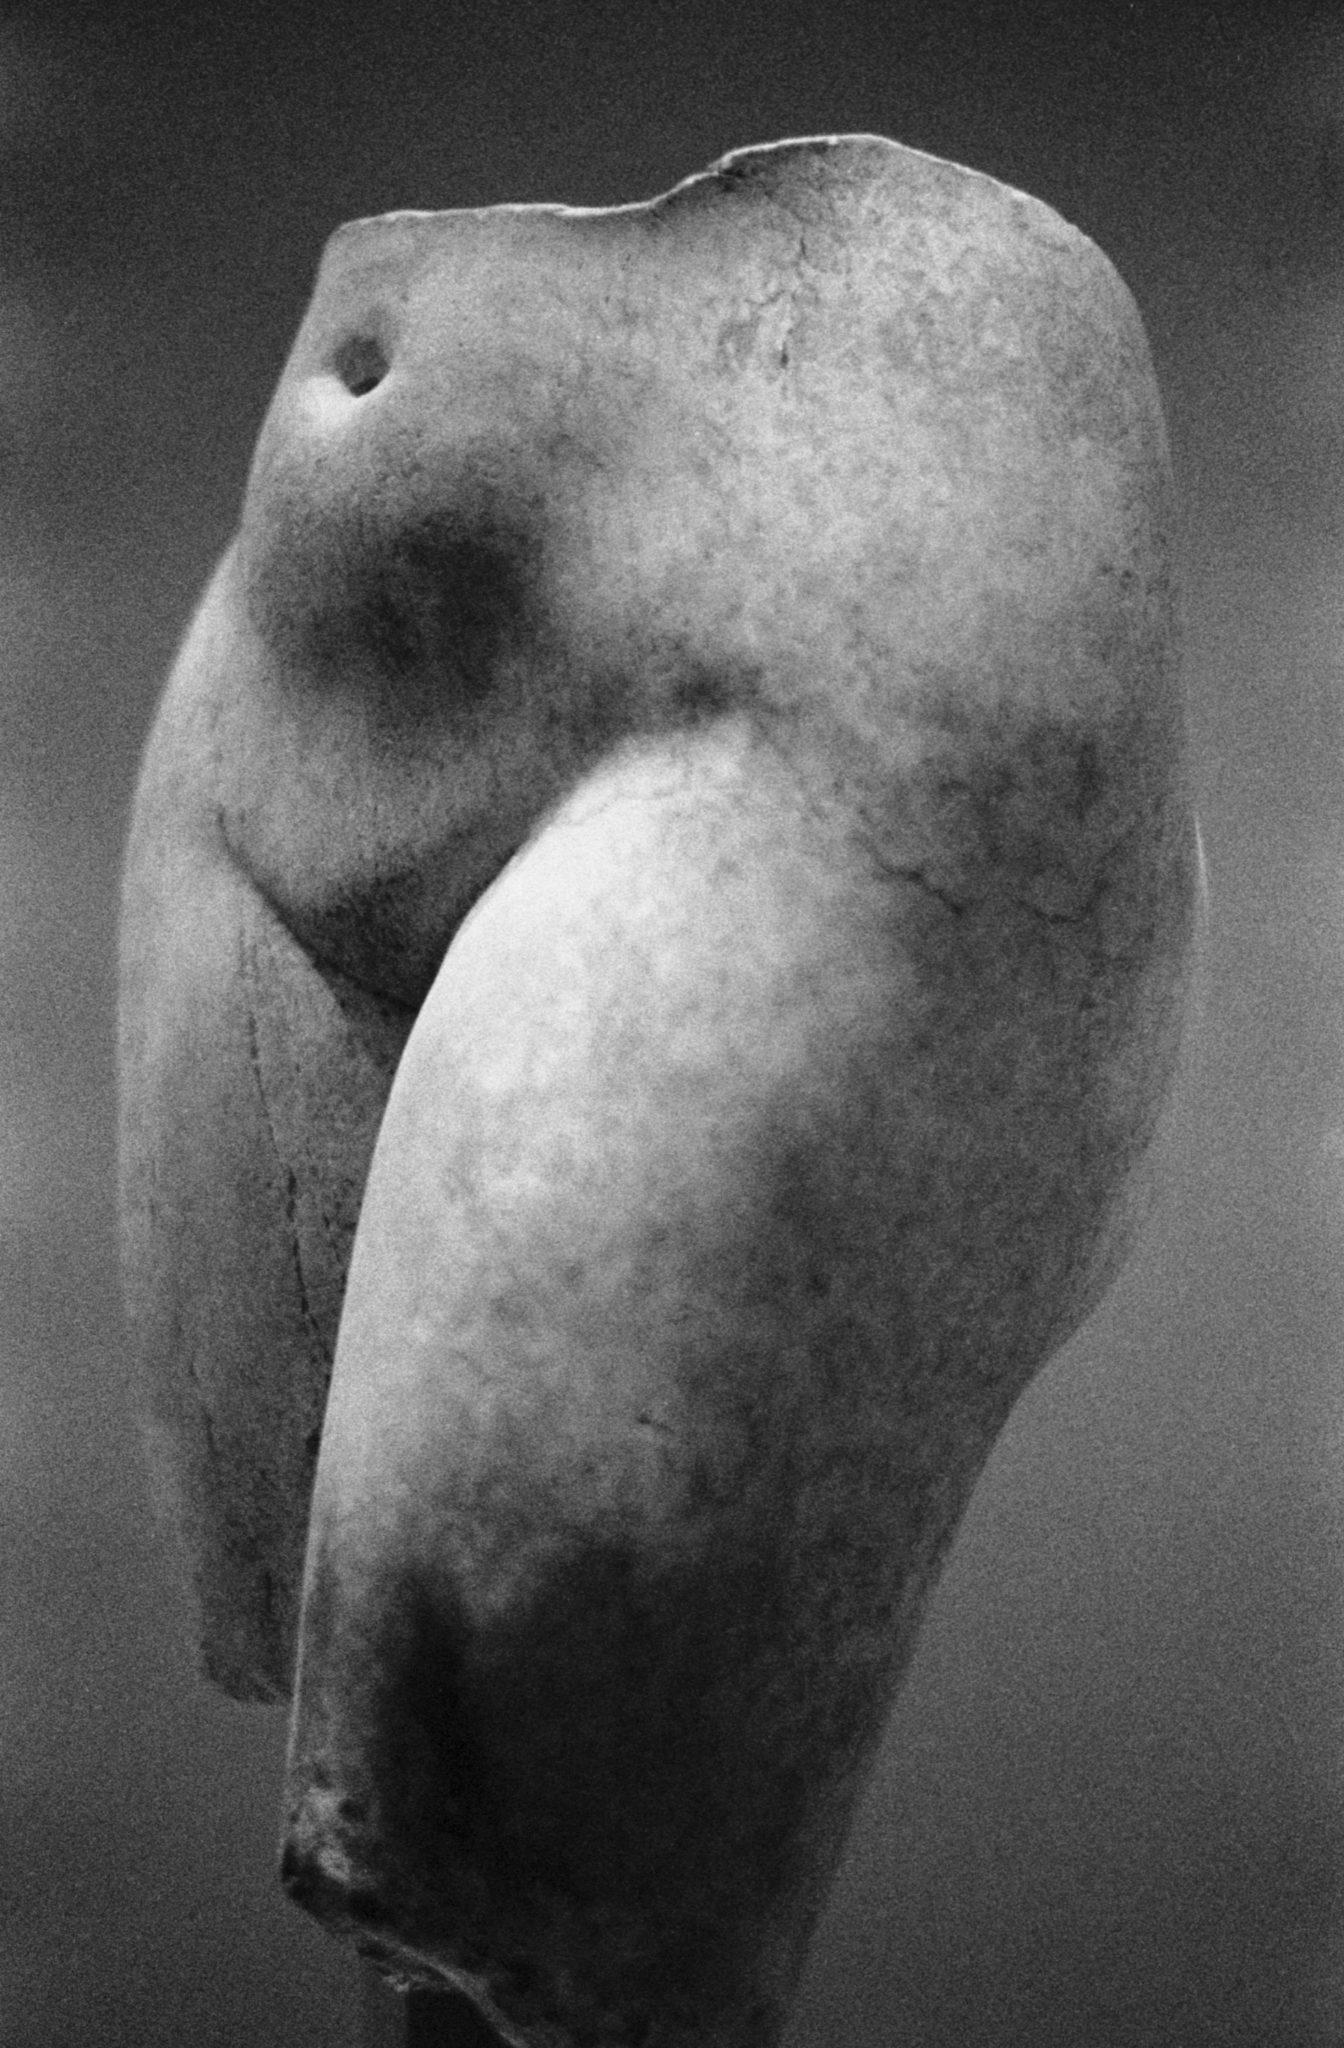 (c) Bart Julius Peters / courtesy Lunn Galerie 0,75 x 0,50 – Tirage argentique Galerie : LUNN  Artiste : Peters Bart Julius Pays de naissance : KOWEÏT  Année de naissance : 1971